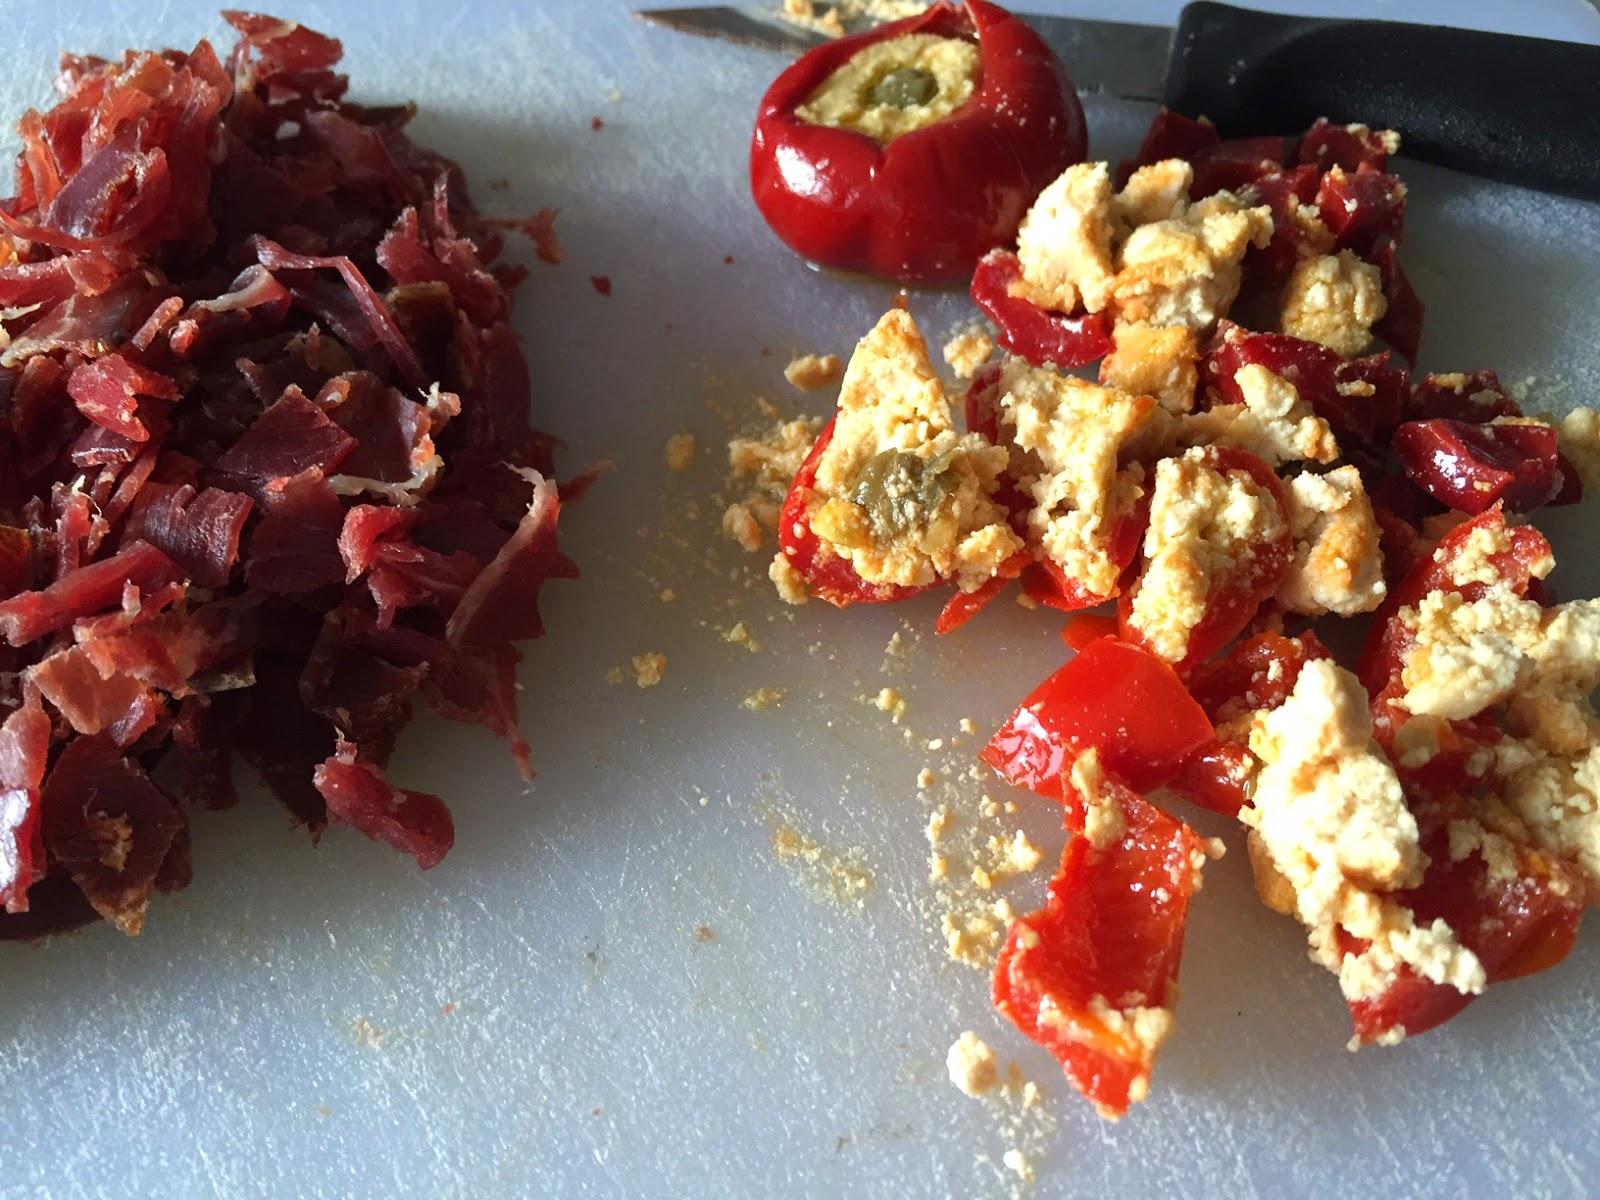 Bollitos de cecina y pimientos rellenos de queso, cortando cecina y pimientos.